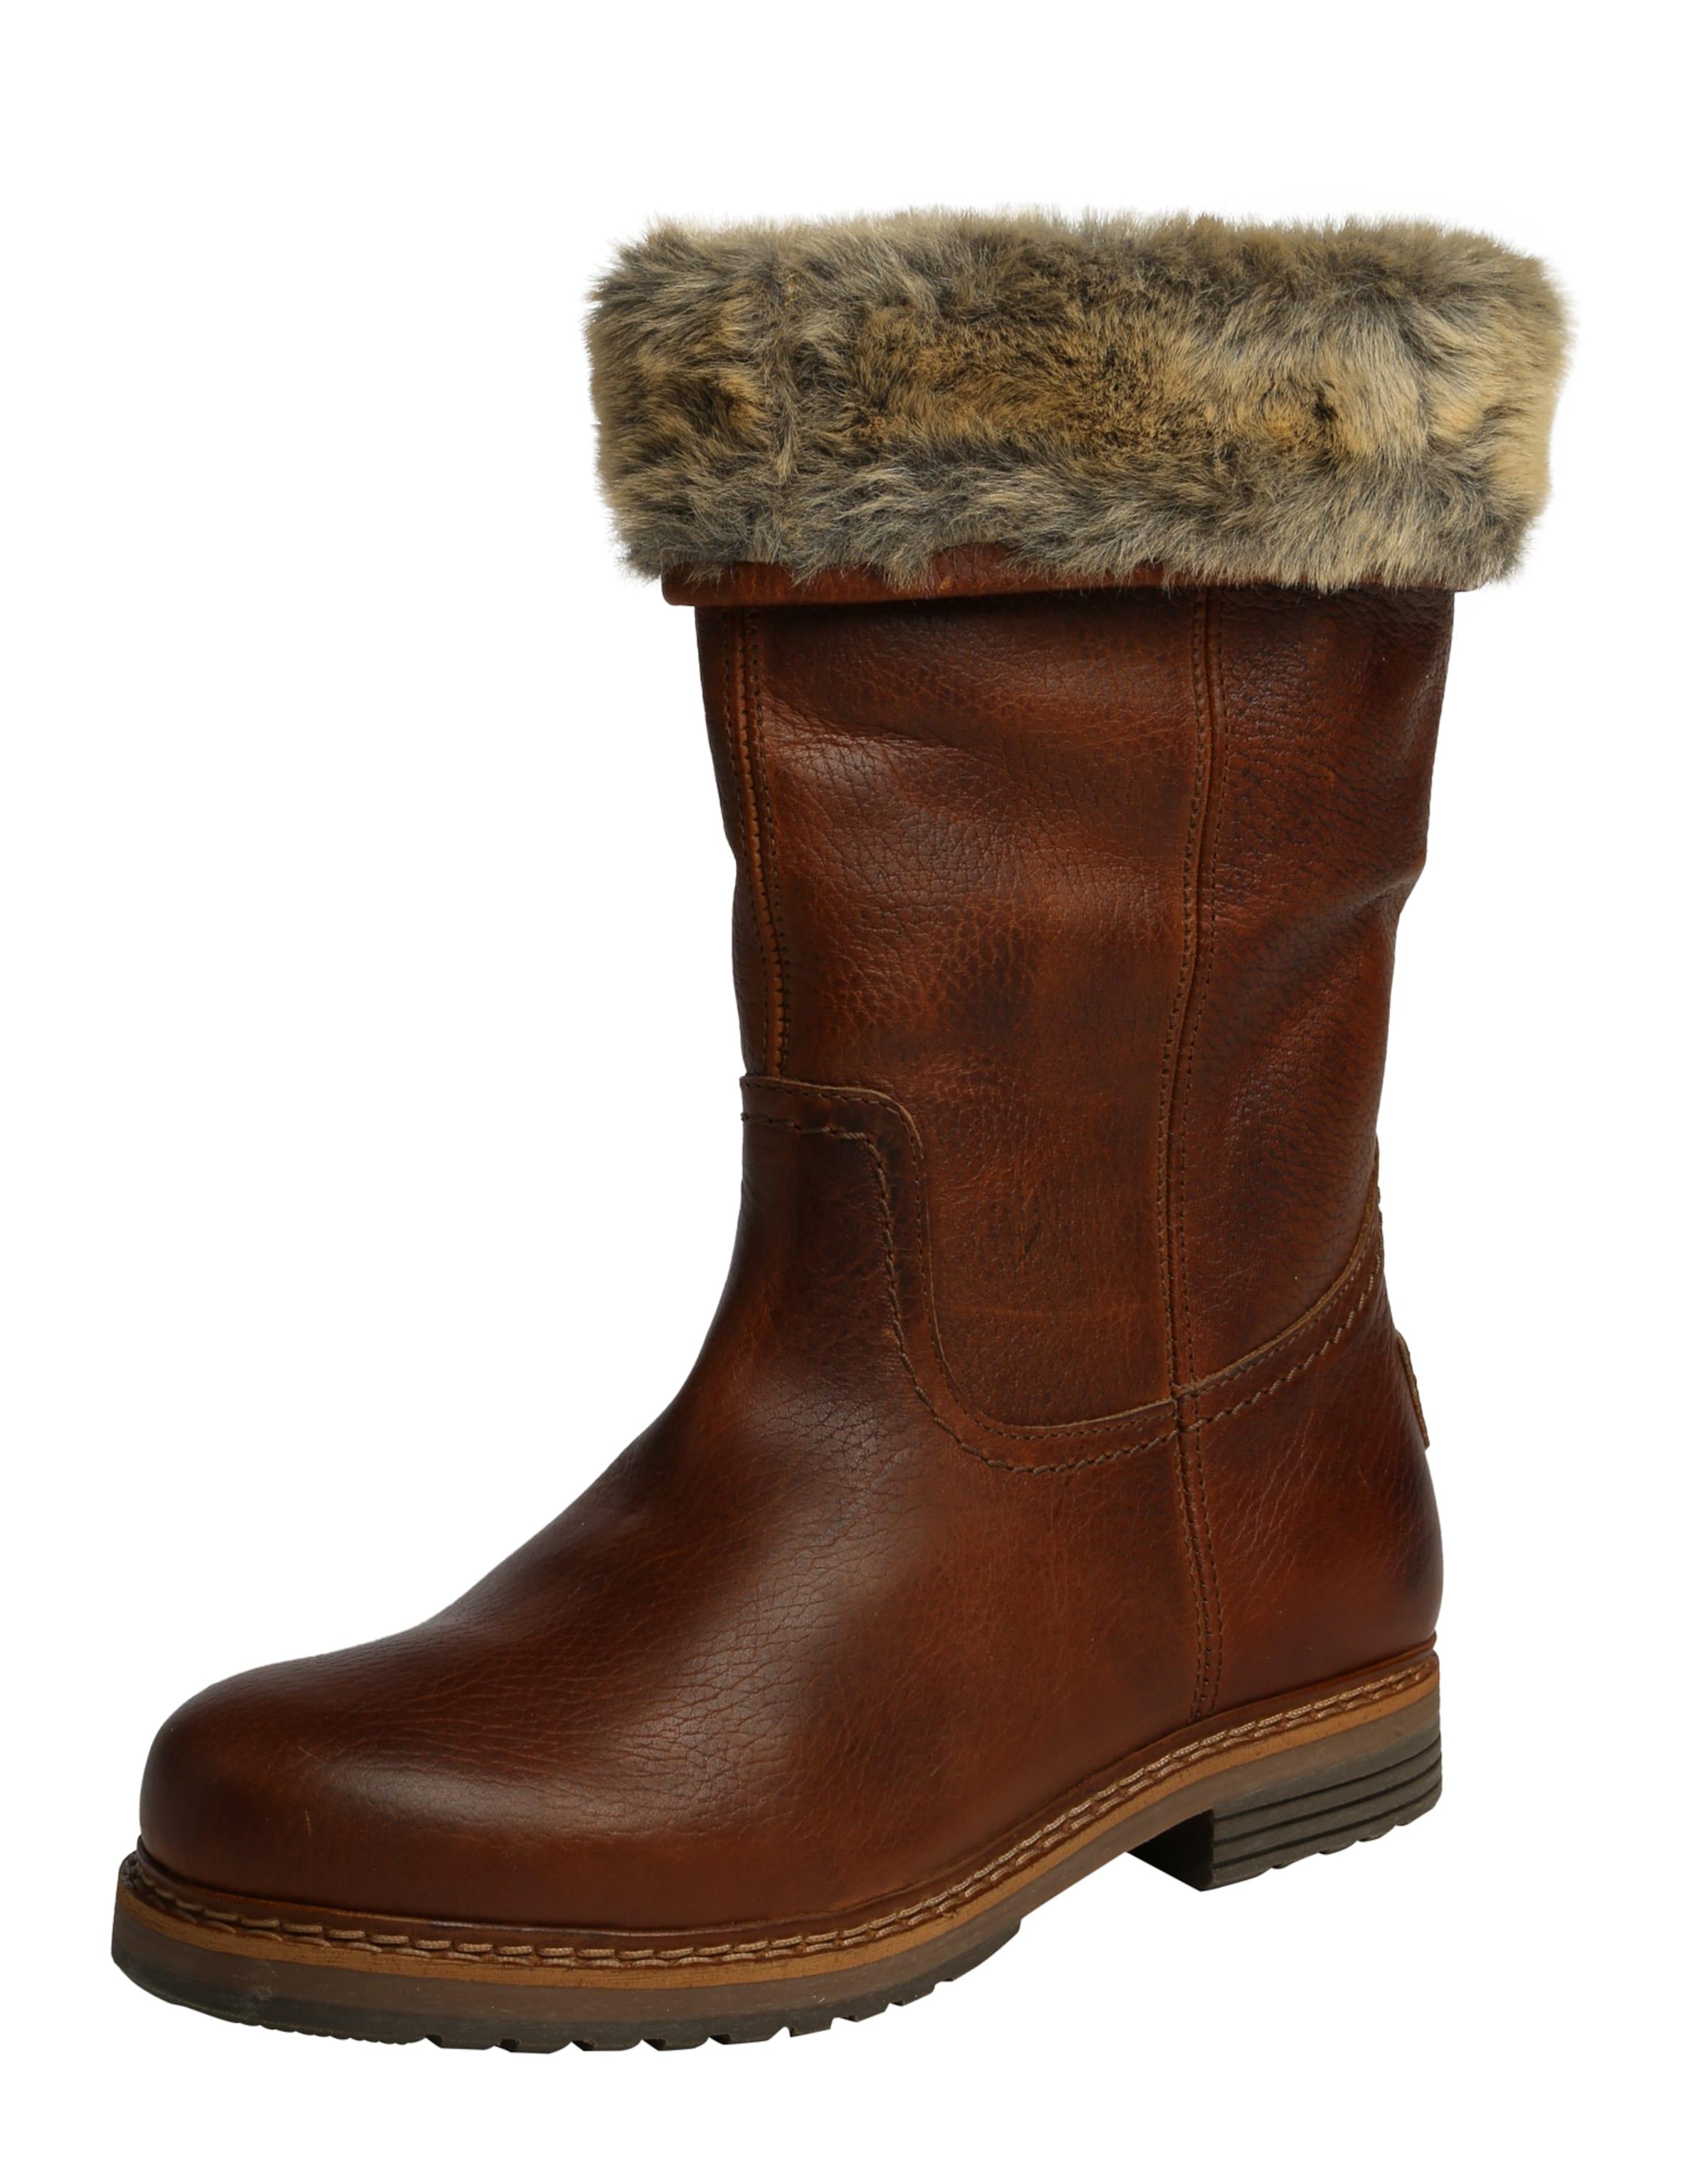 BULLBOXER Stiefel mit Fellumschlag Günstige und langlebige Schuhe